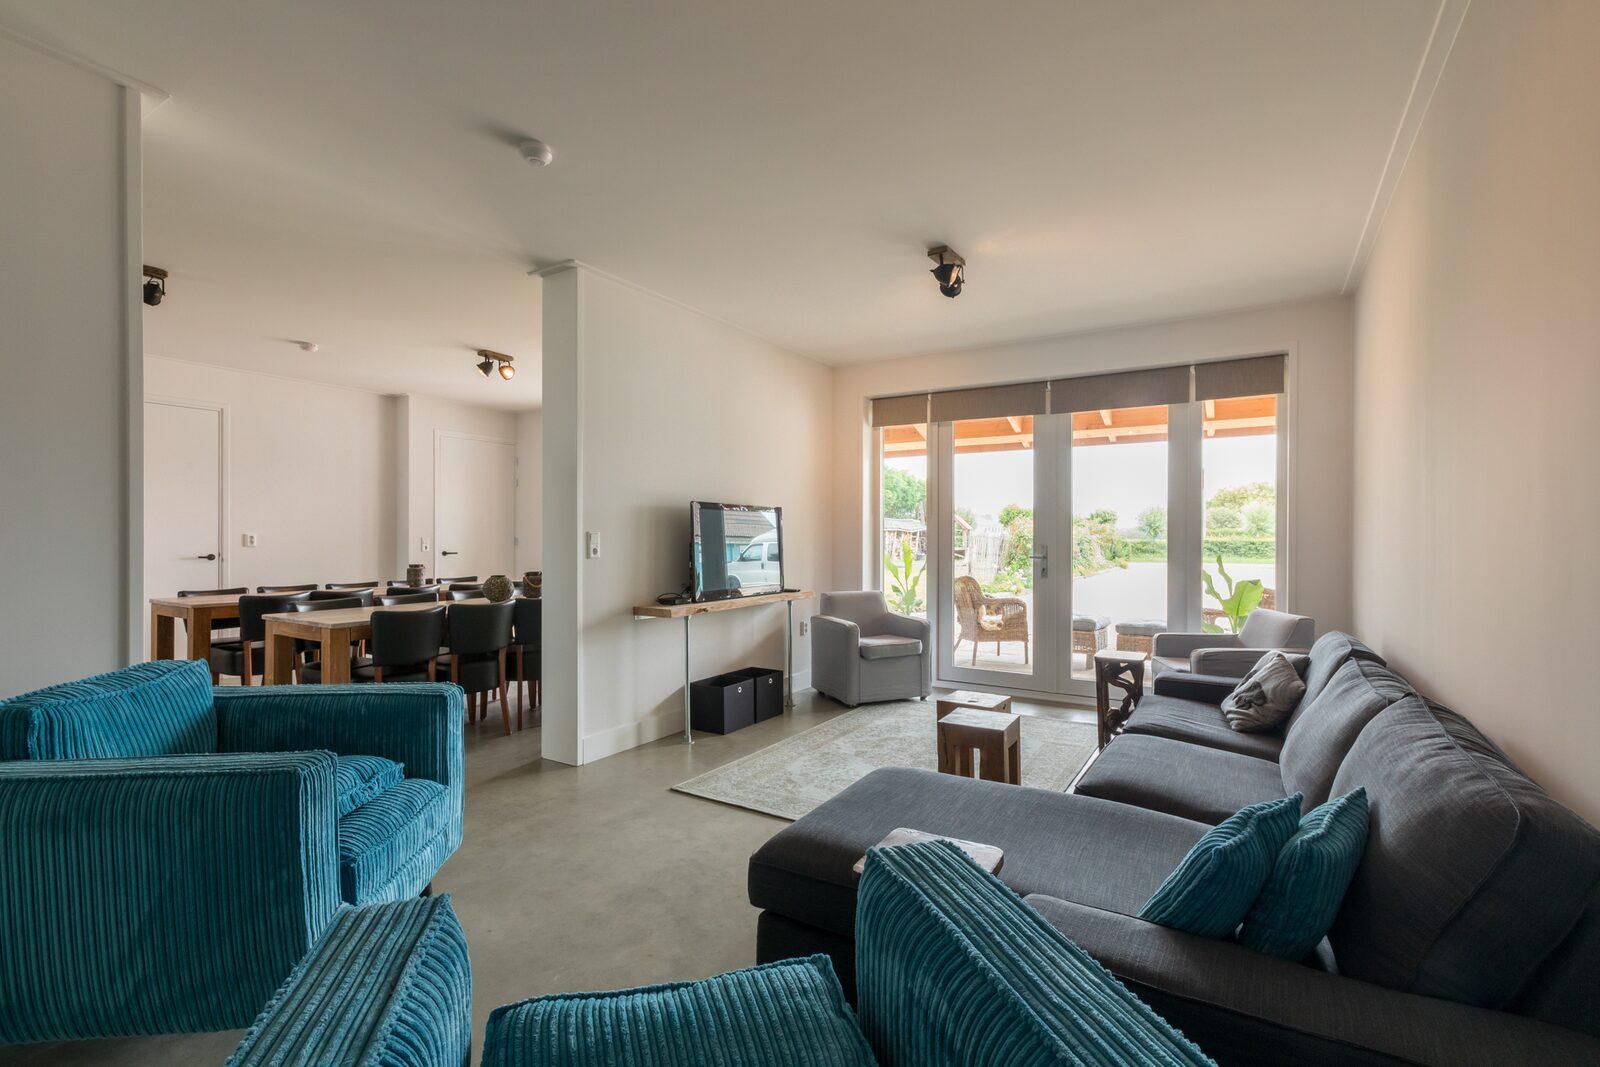 Guesthouse 16 personen - Wielemakersbaan 6 | Dishoek